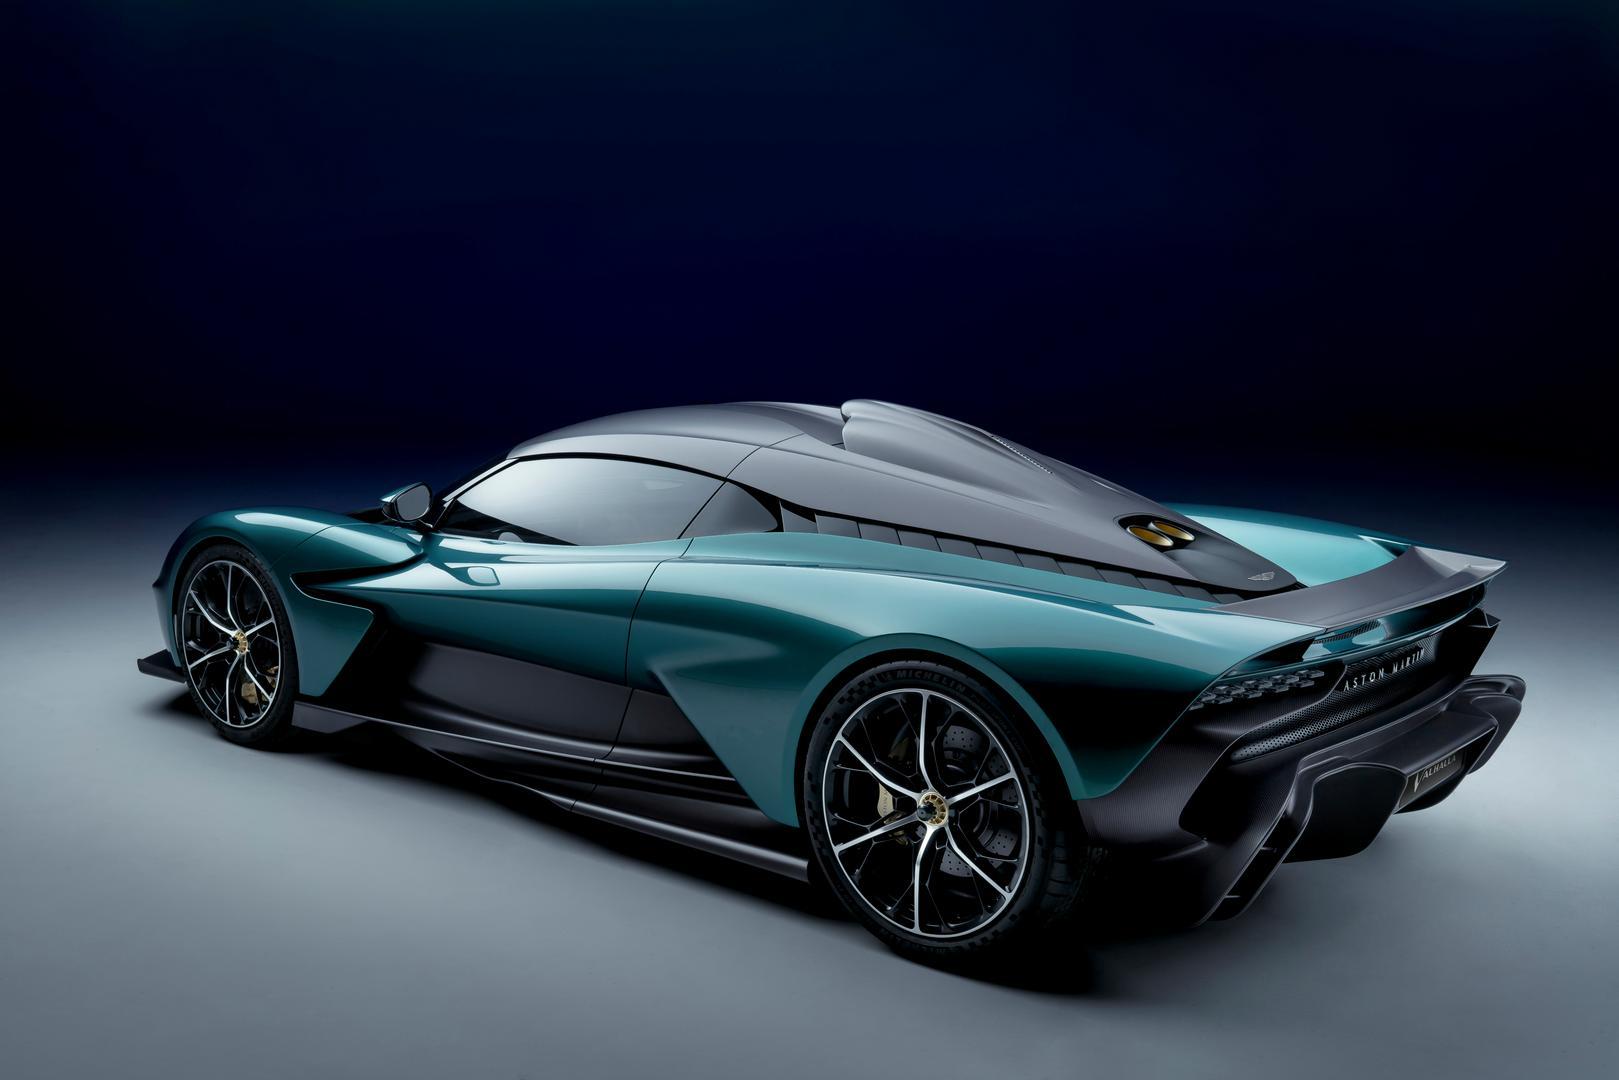 Aston Martin Valhalla specs